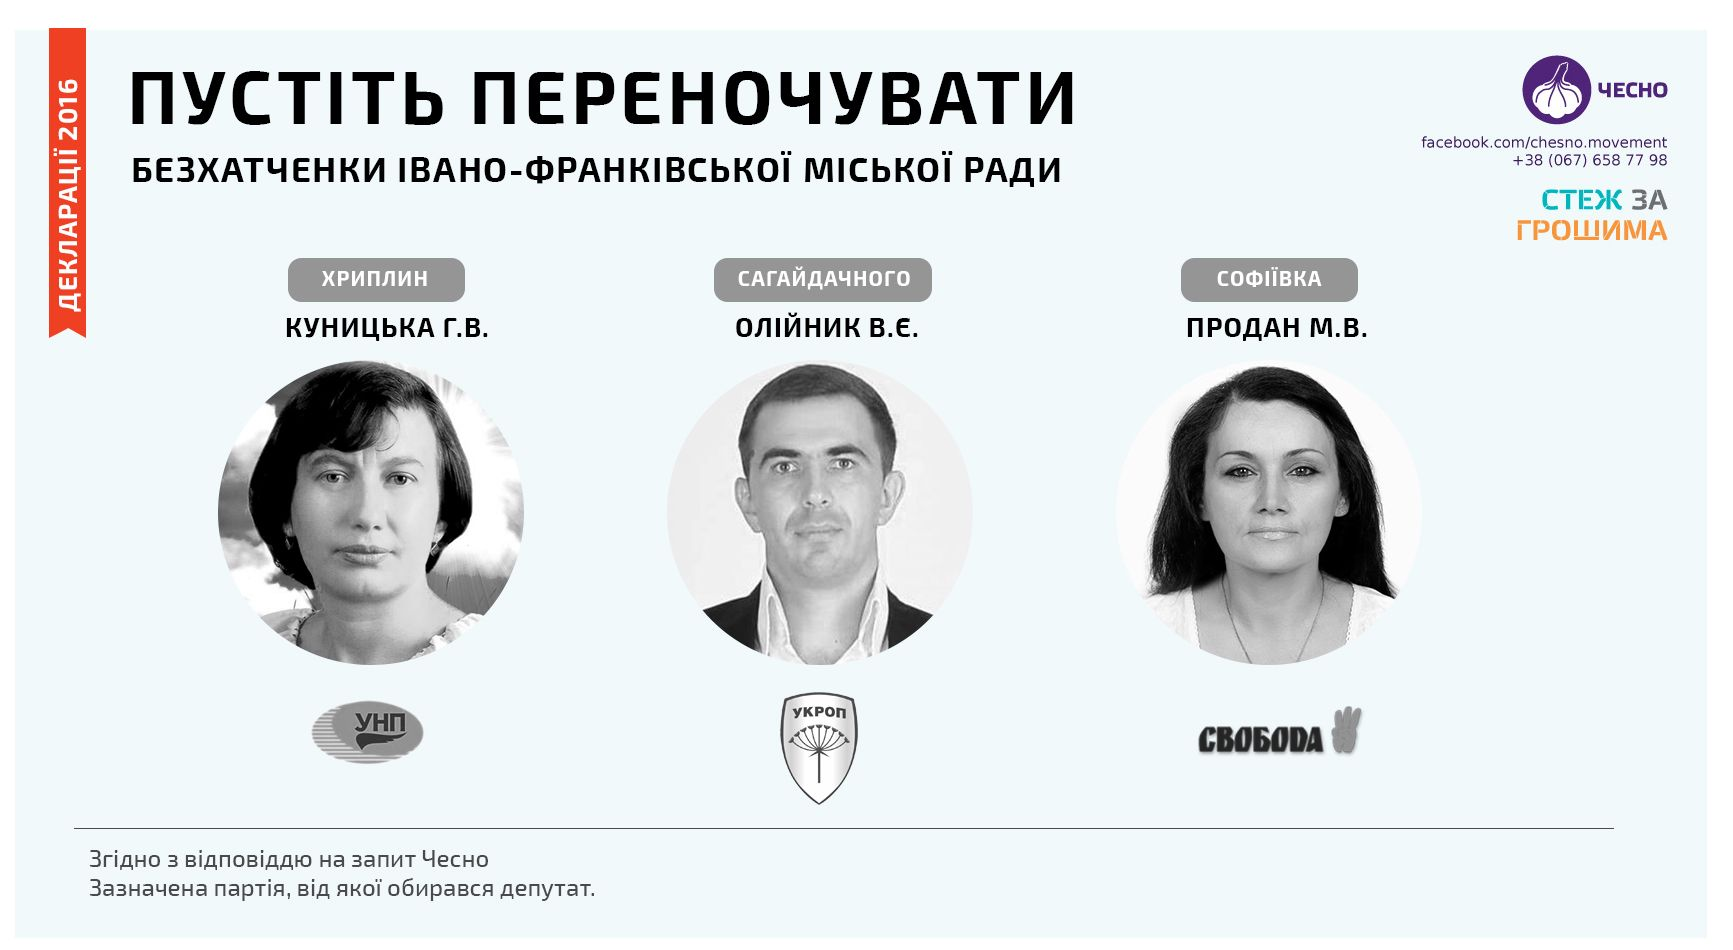 Безхатьки Франківська депутати міськради які не мають житла